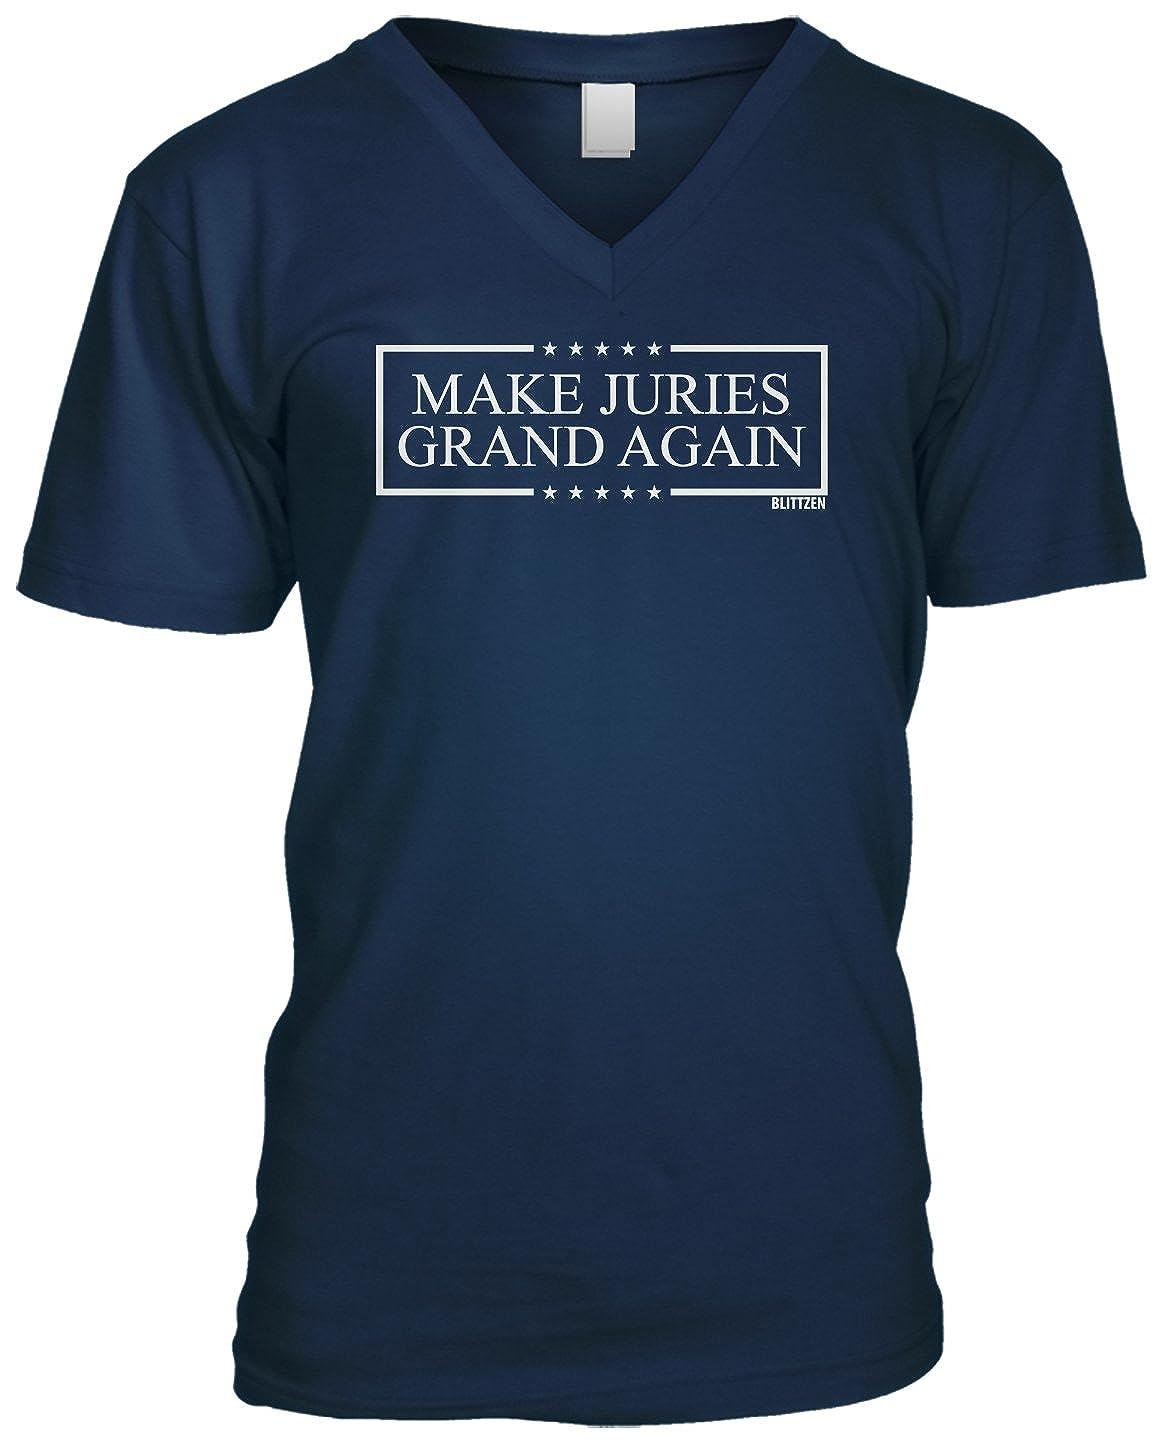 Blittzen Mens V-neck T-shirt Make Juries Grand Again